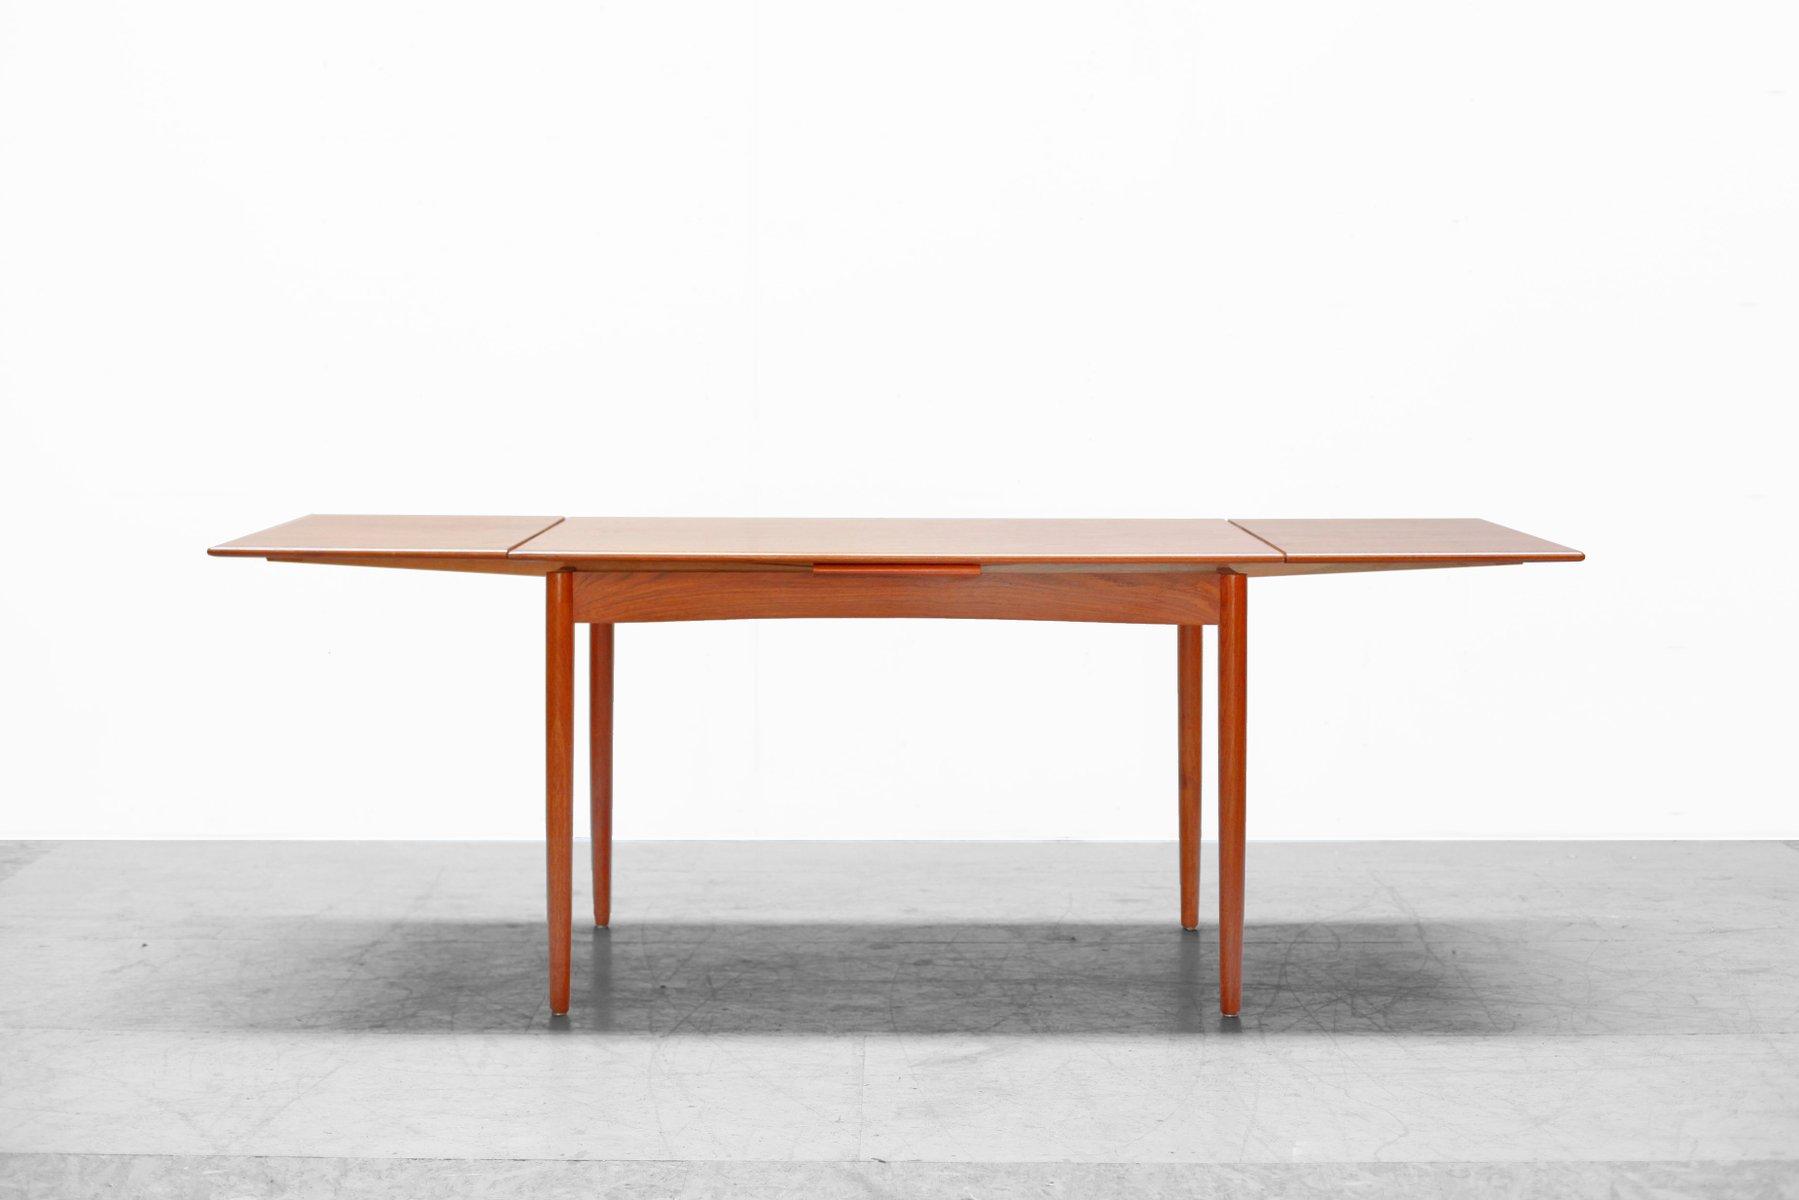 Tavolo Da Pranzo Moderno : Tavolo da pranzo moderno in teak anni 60 in vendita su pamono